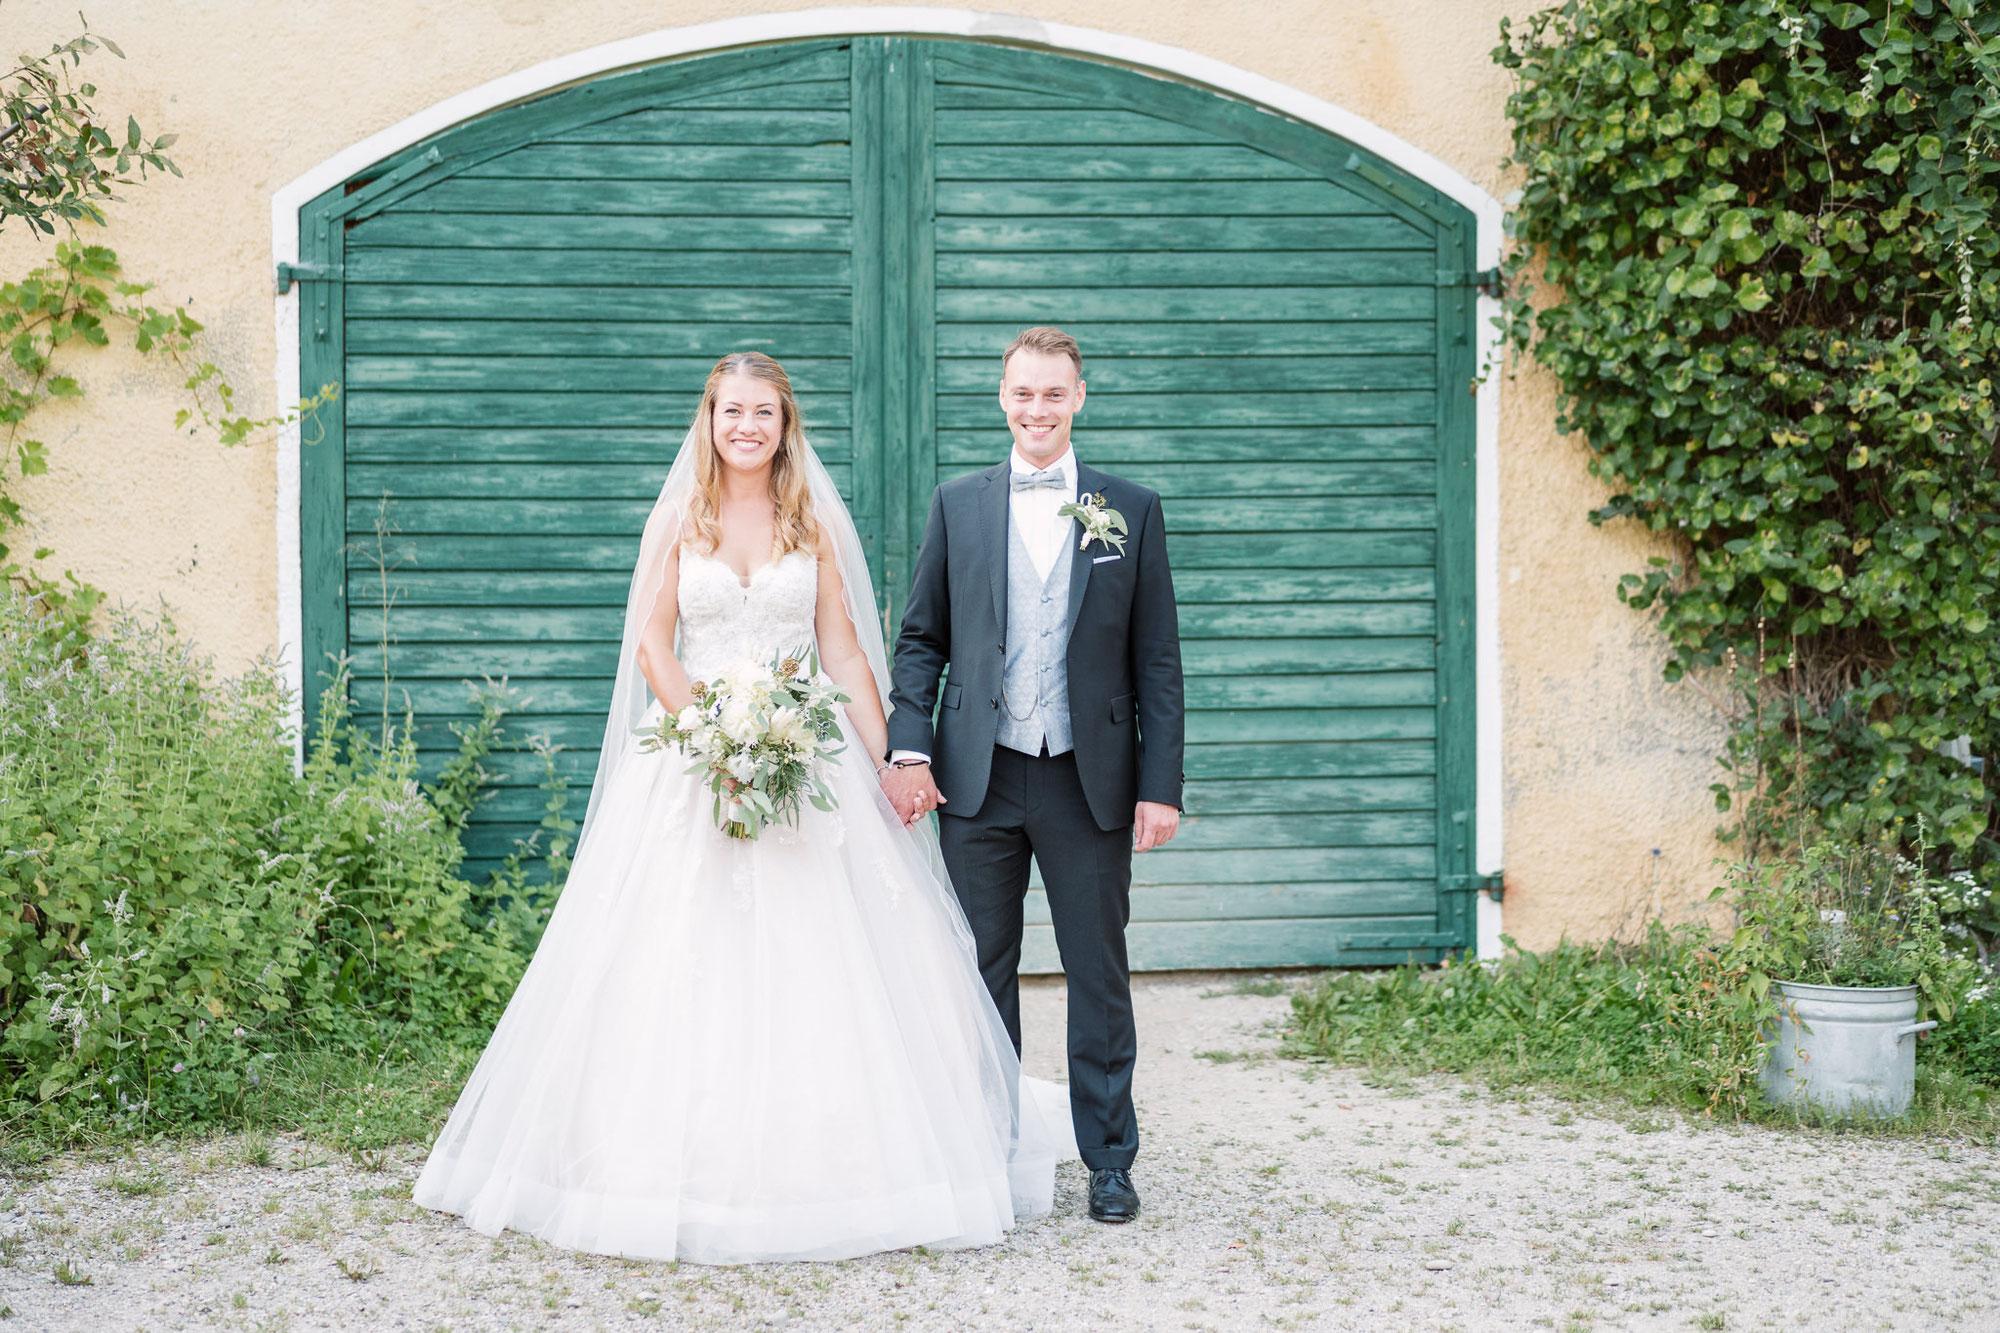 Judith & Andrè - Hochzeit auf Schloss Blumenthal